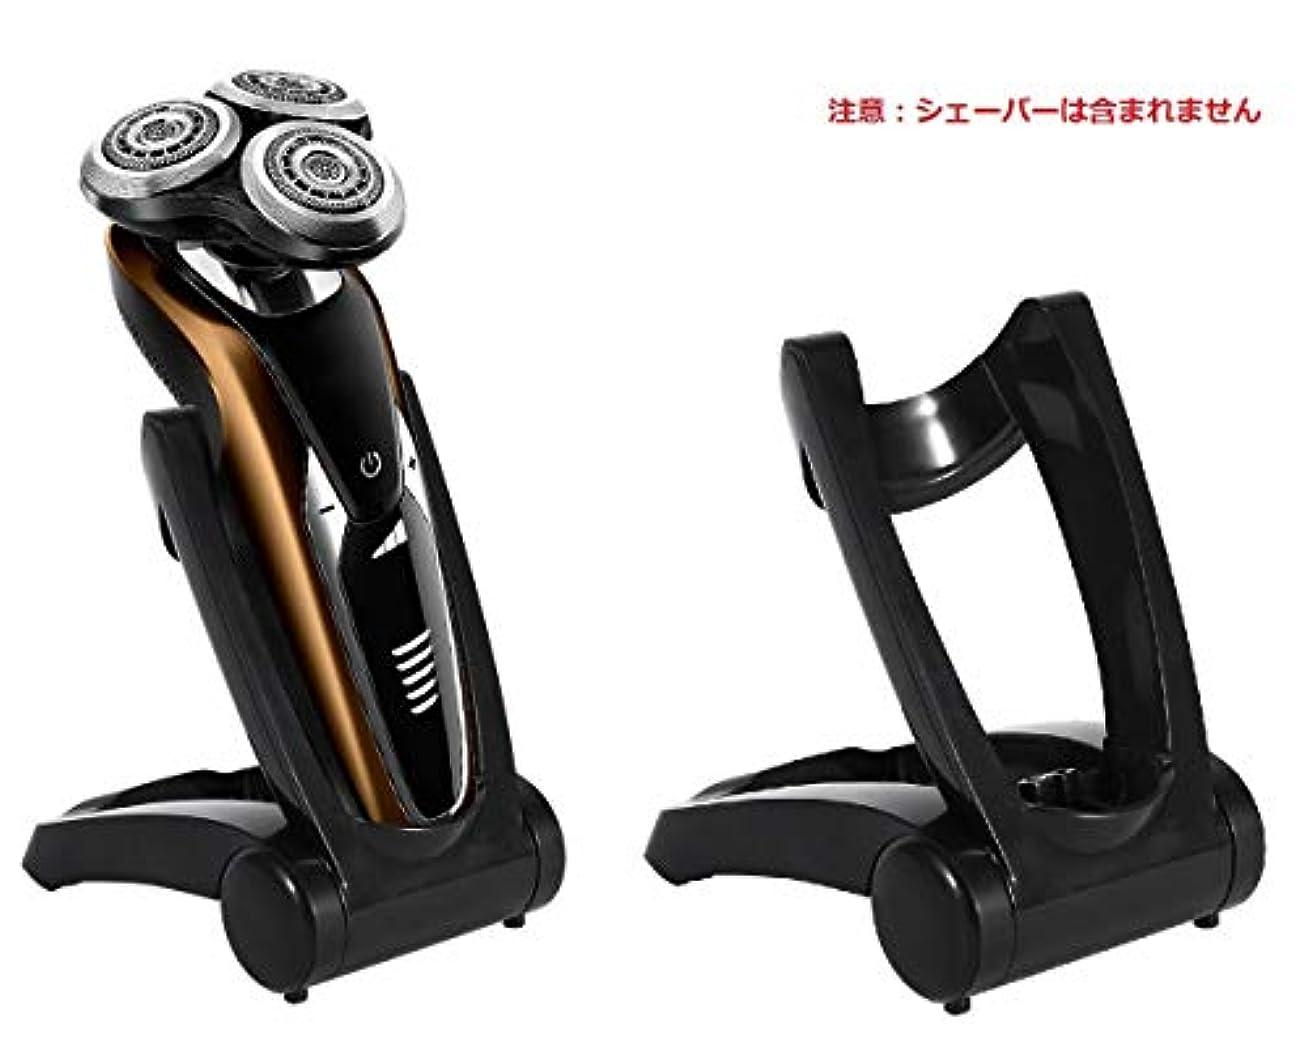 今まで海外で自我Keepjoy. 充電スタンド PHILIPS 適用 シェーバーベース 電動シェーバーホルダー 折りたたみ BY-310/330/1298/RQ1150に適用 持ちやすい スタンド シェービング ABS